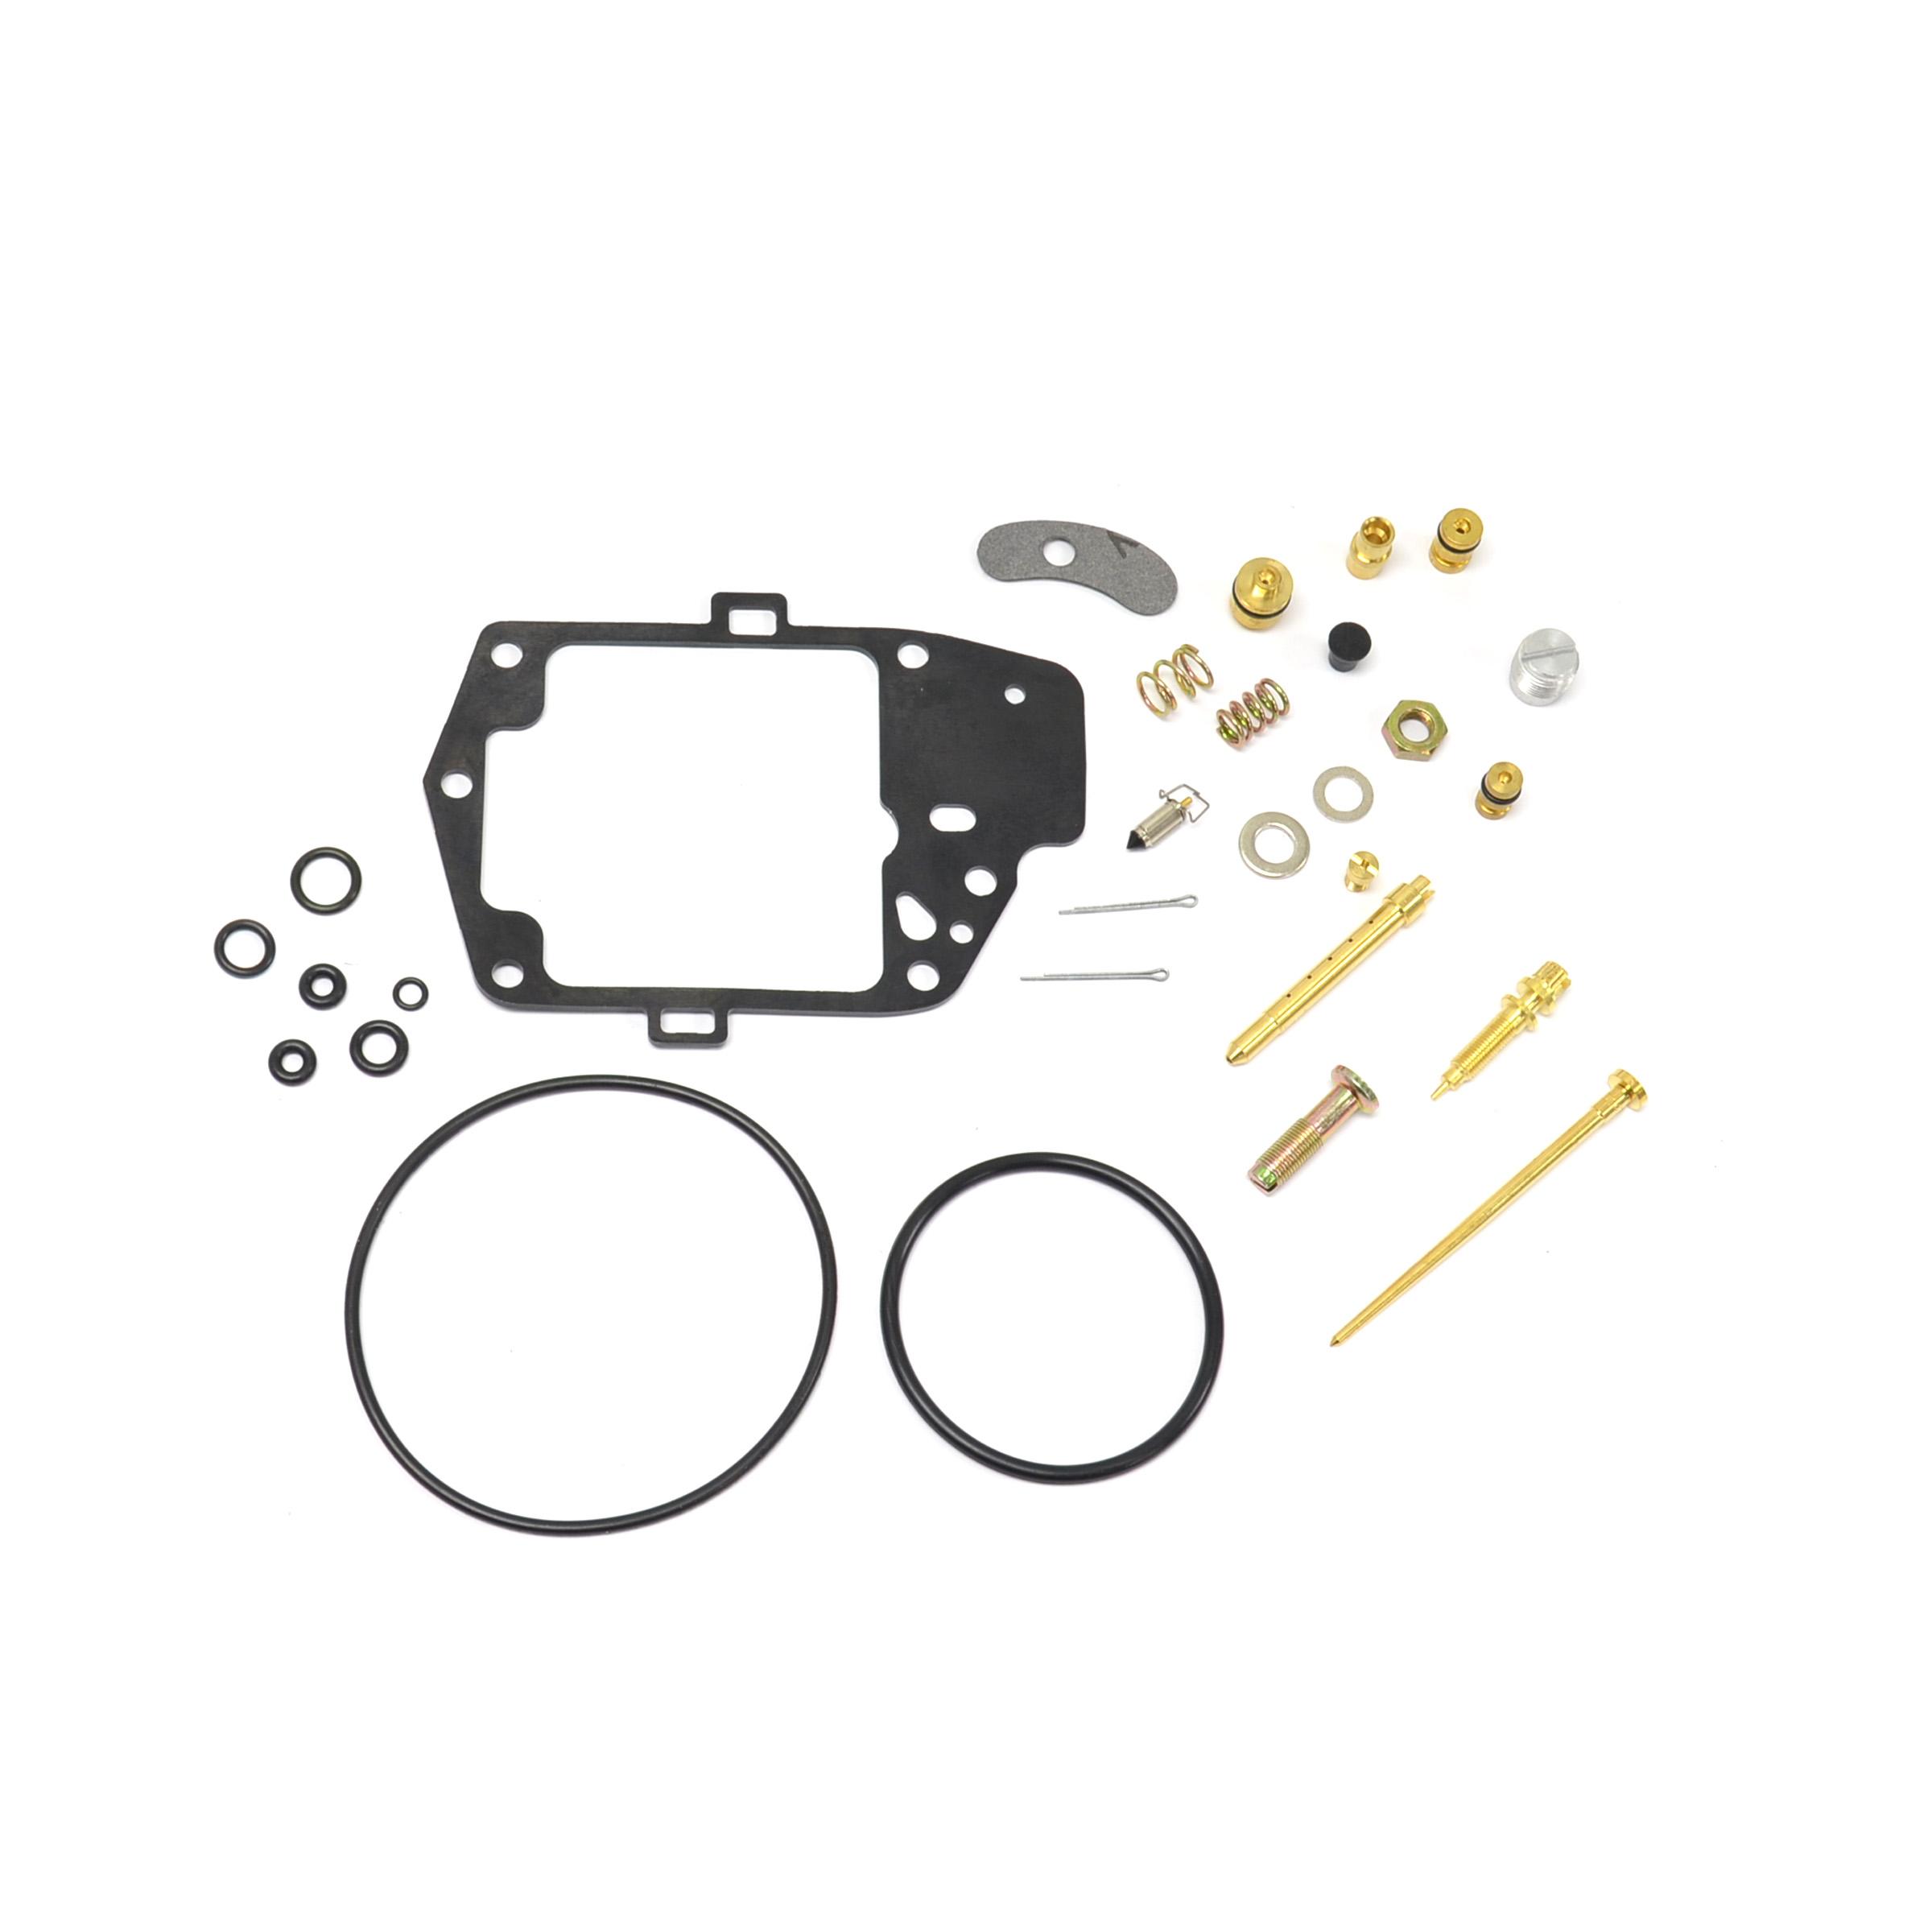 honda goldwing 1000 gl1000 1975 carburetor carb repair